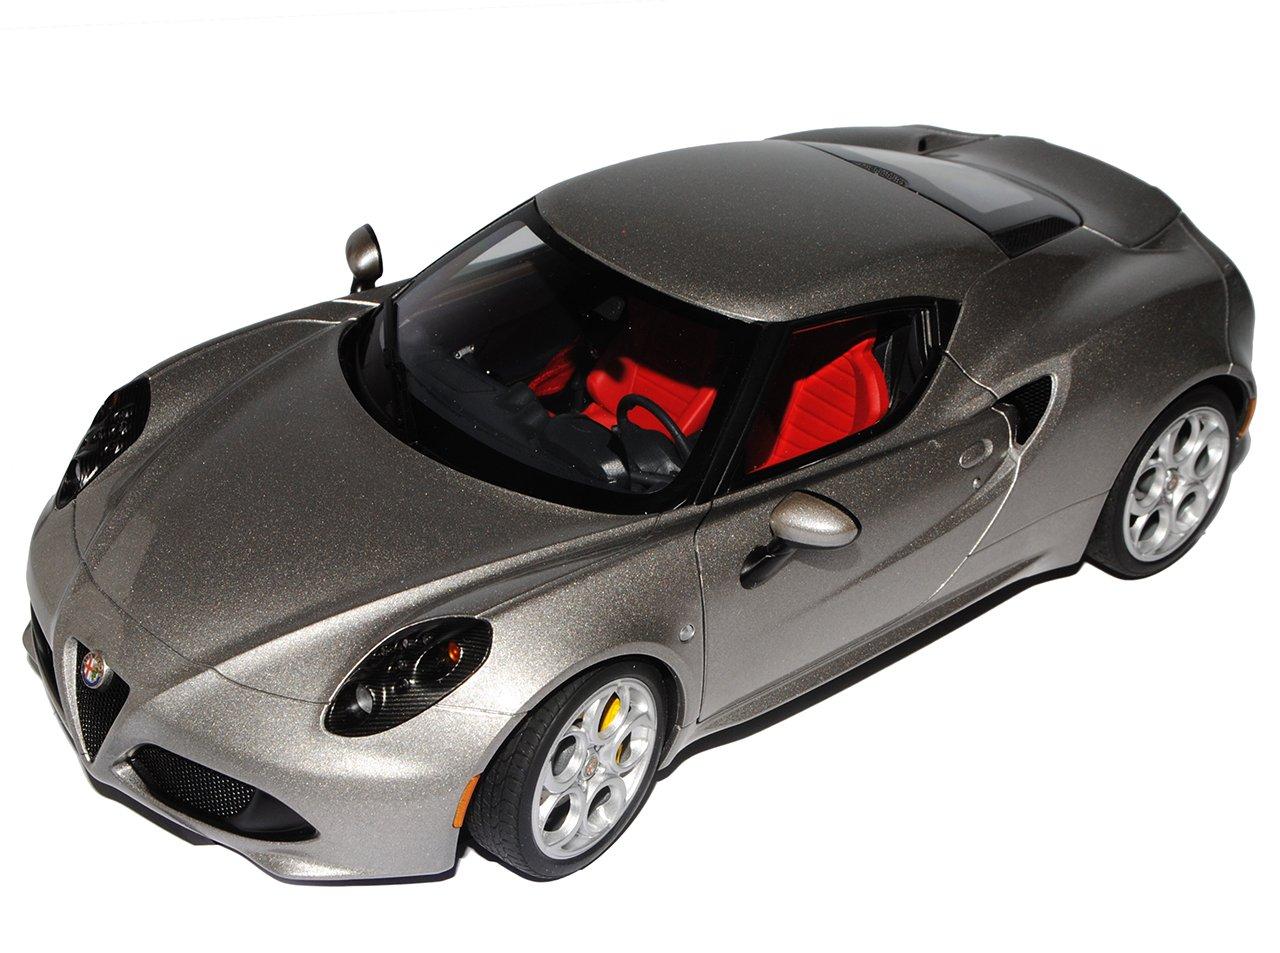 AUTOart Alfa Romeo 4C Metallic Grau Coupe Ab 2013 70187 1 18 Modell Auto mit individiuellem Wunschkennzeichen  Mit Wunschkennzeichen